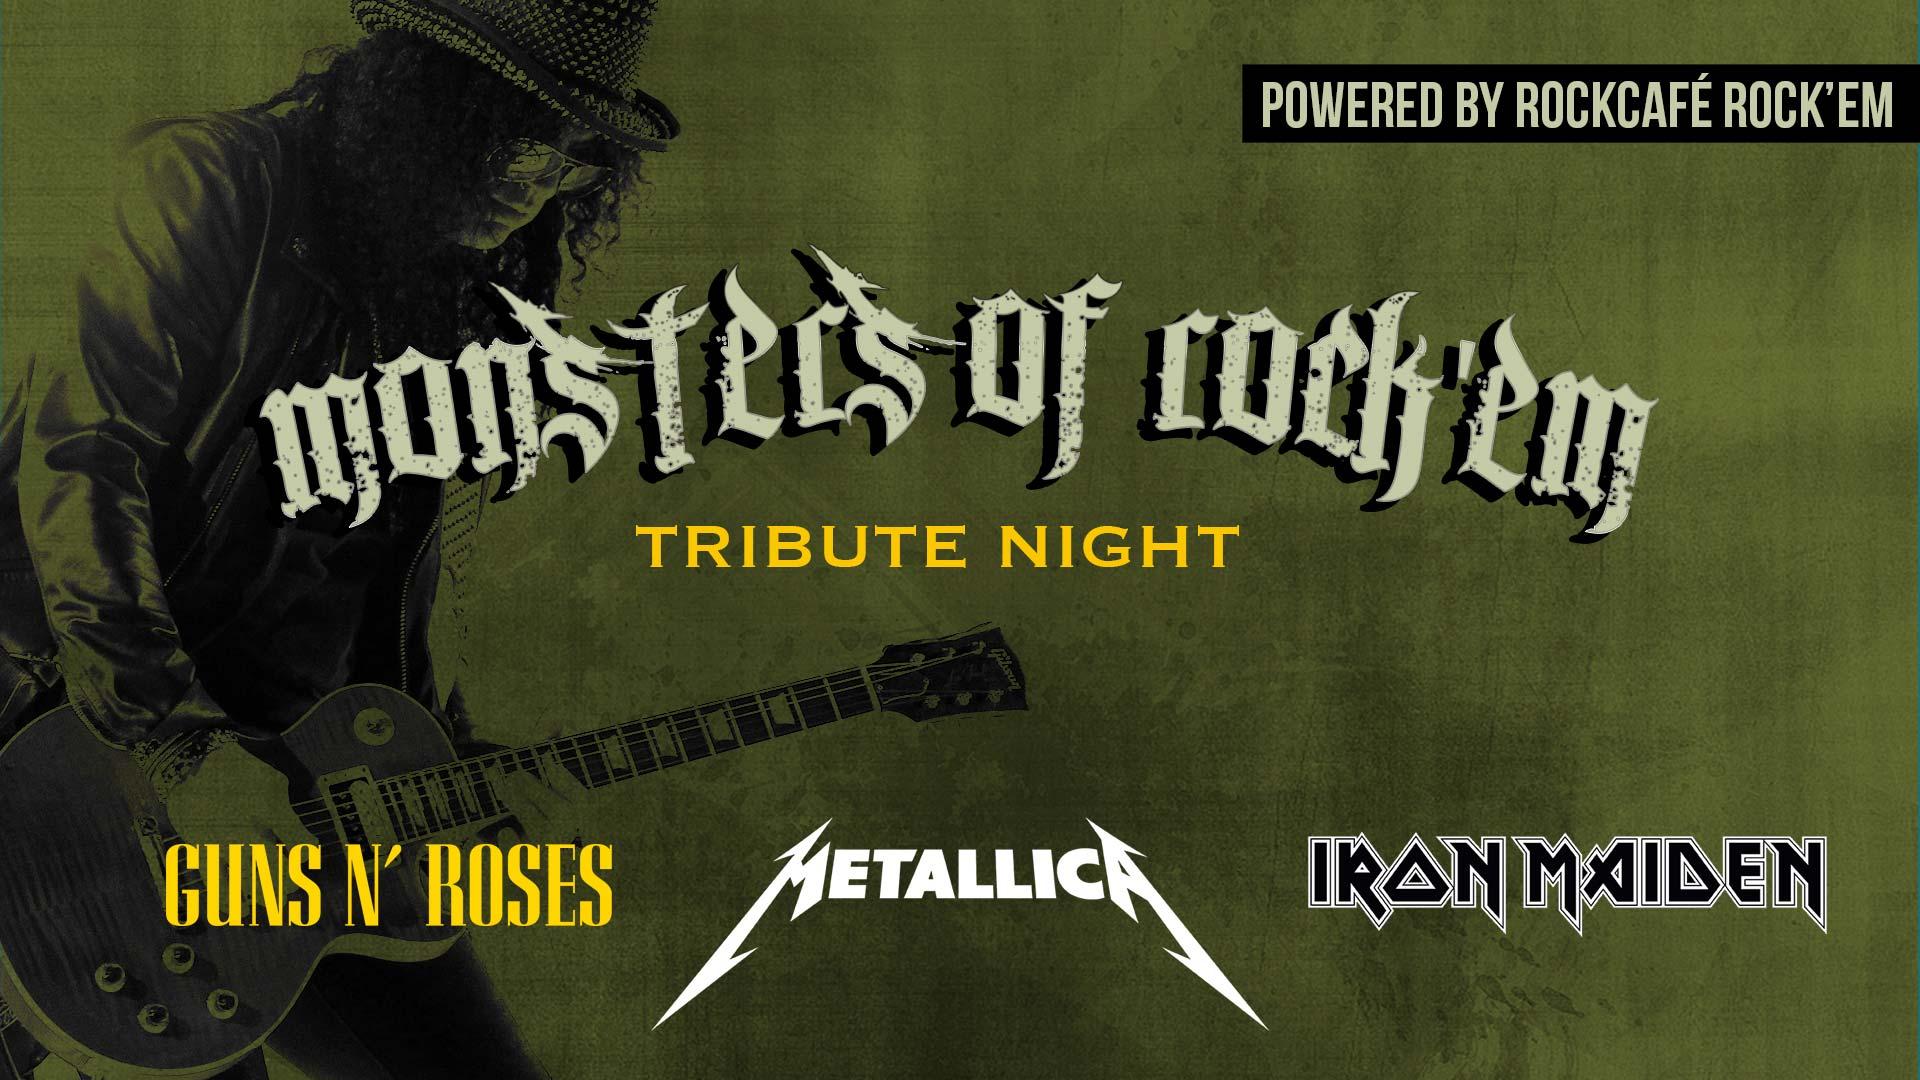 Monsters of Rock'em